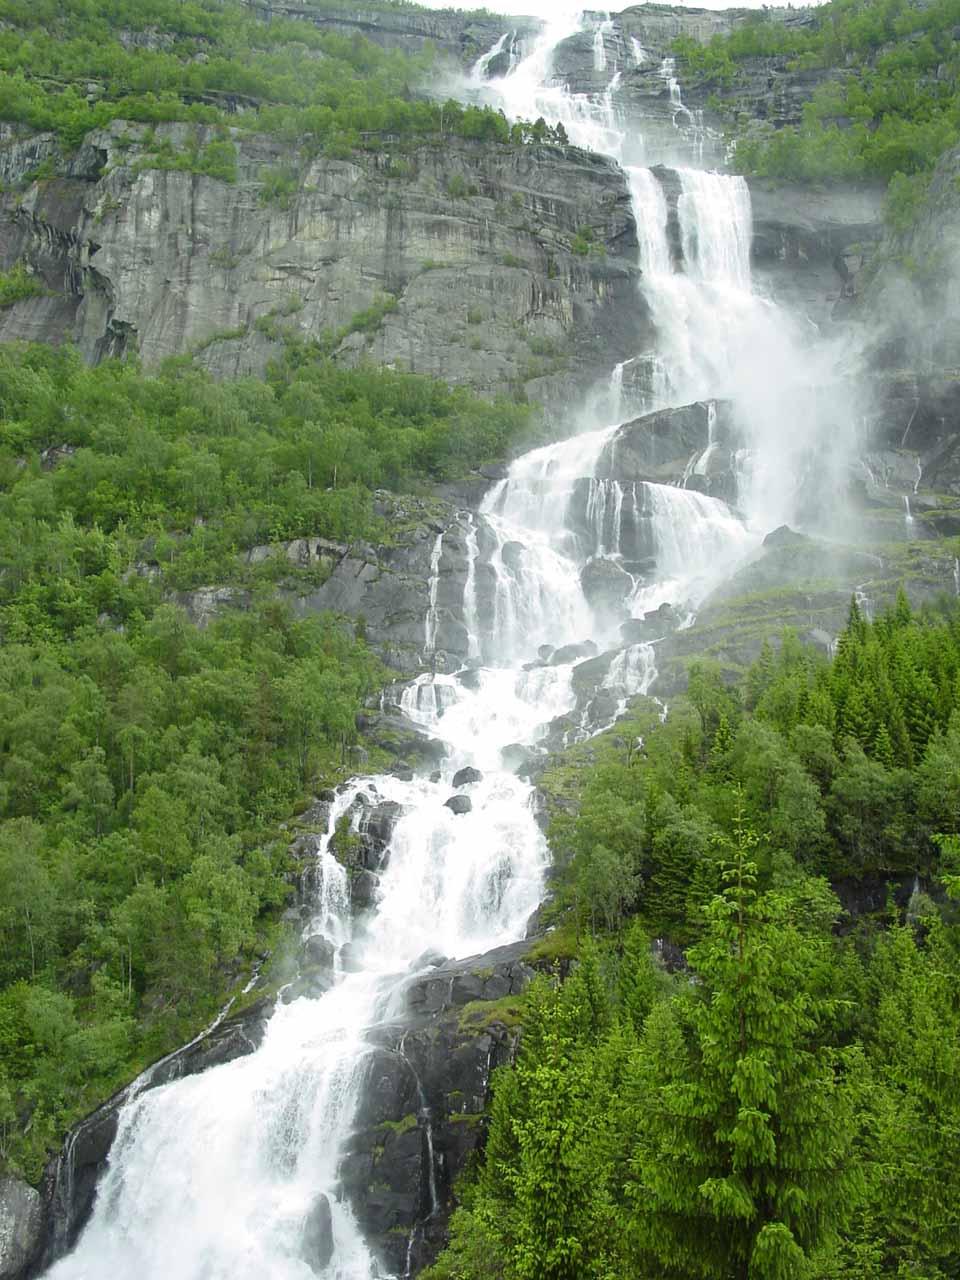 Looking towards the lower tiers of Tjørnadalsfossen